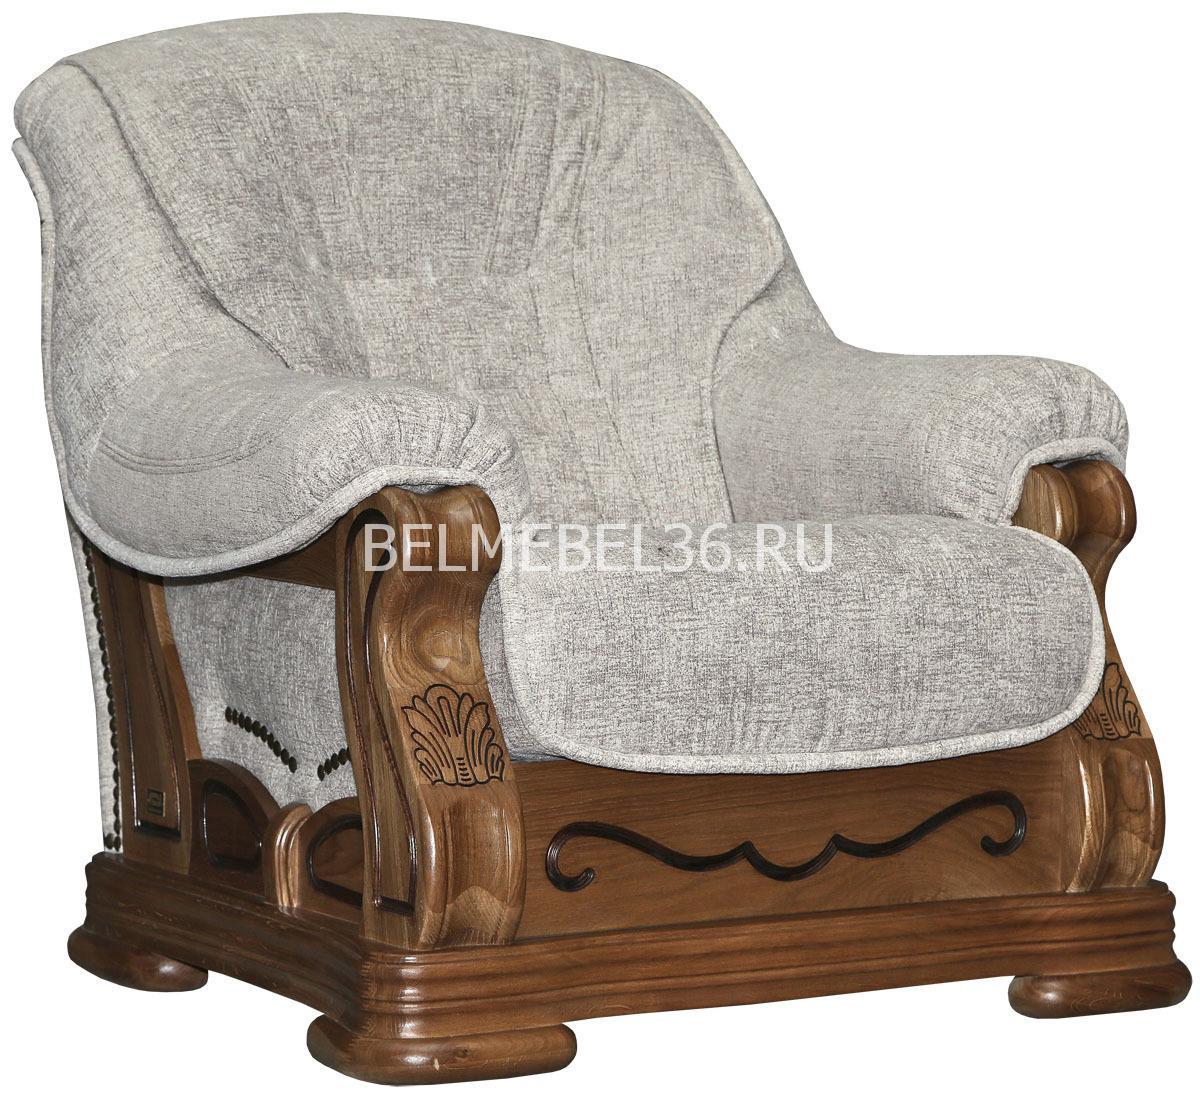 Кресло Консул 21 П-Д075 | Белорусская мебель в Воронеже